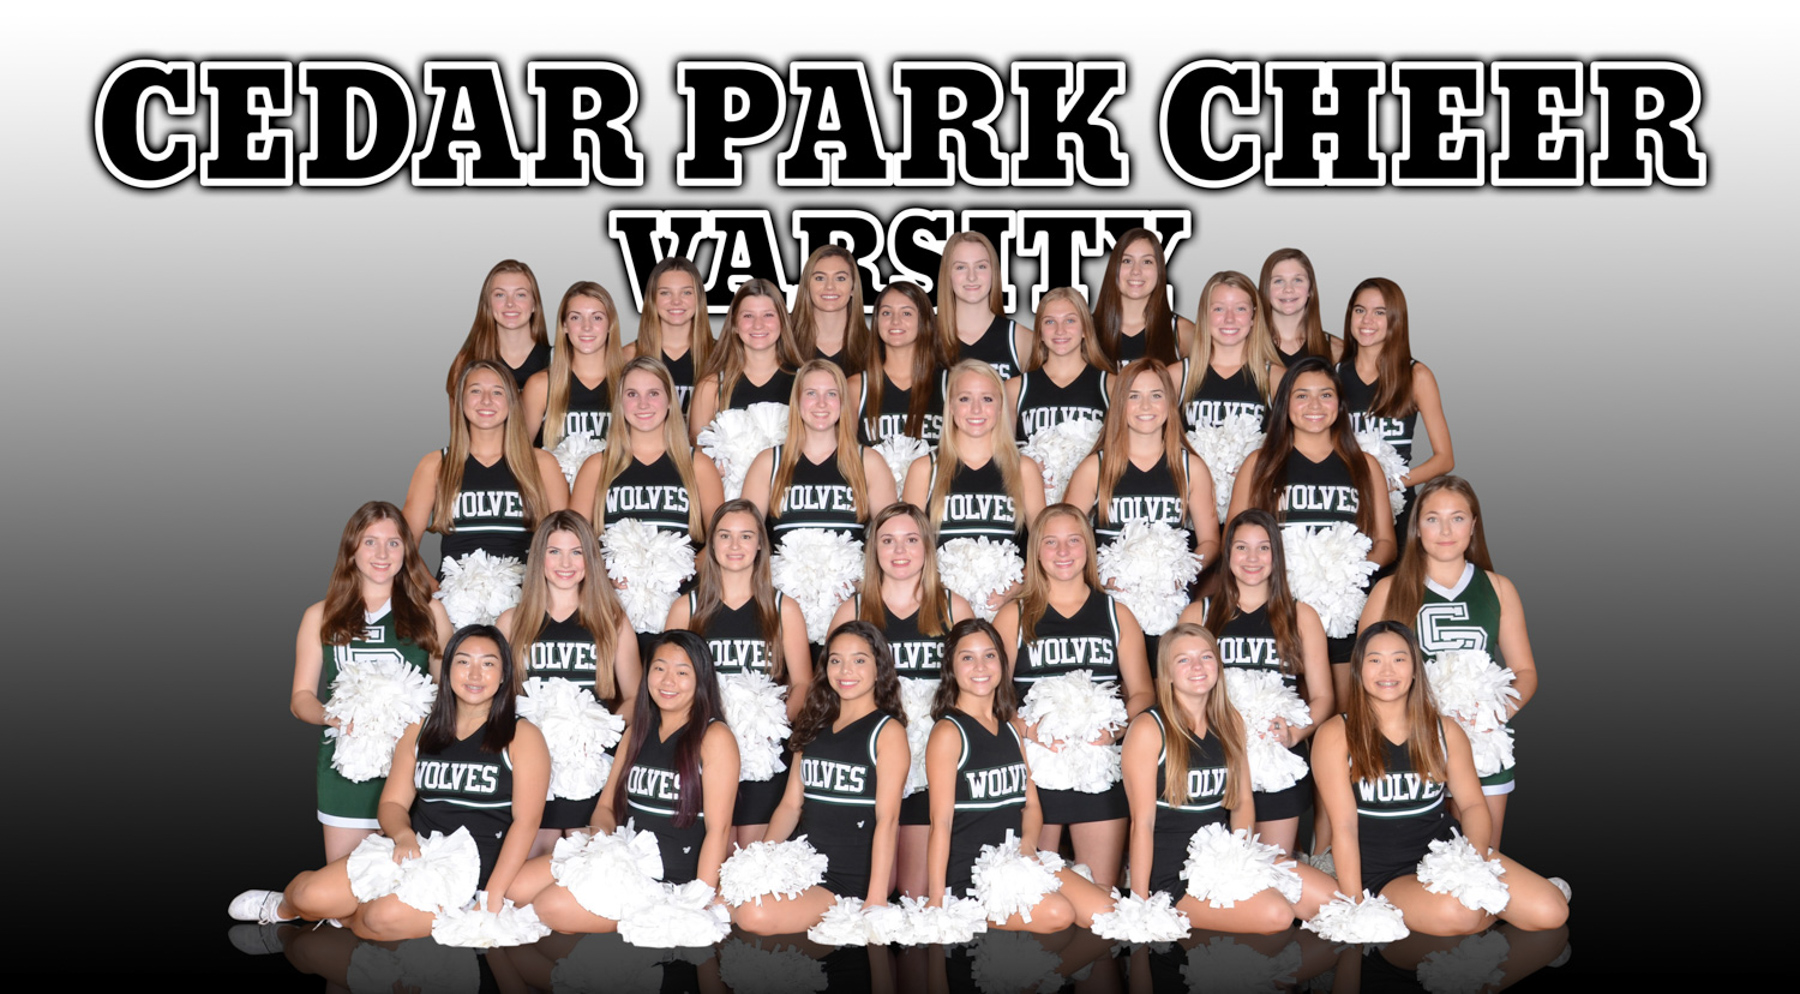 26 CPHs CedarParkHS_Cheer19_Varsity_Mock 2.3.JPG